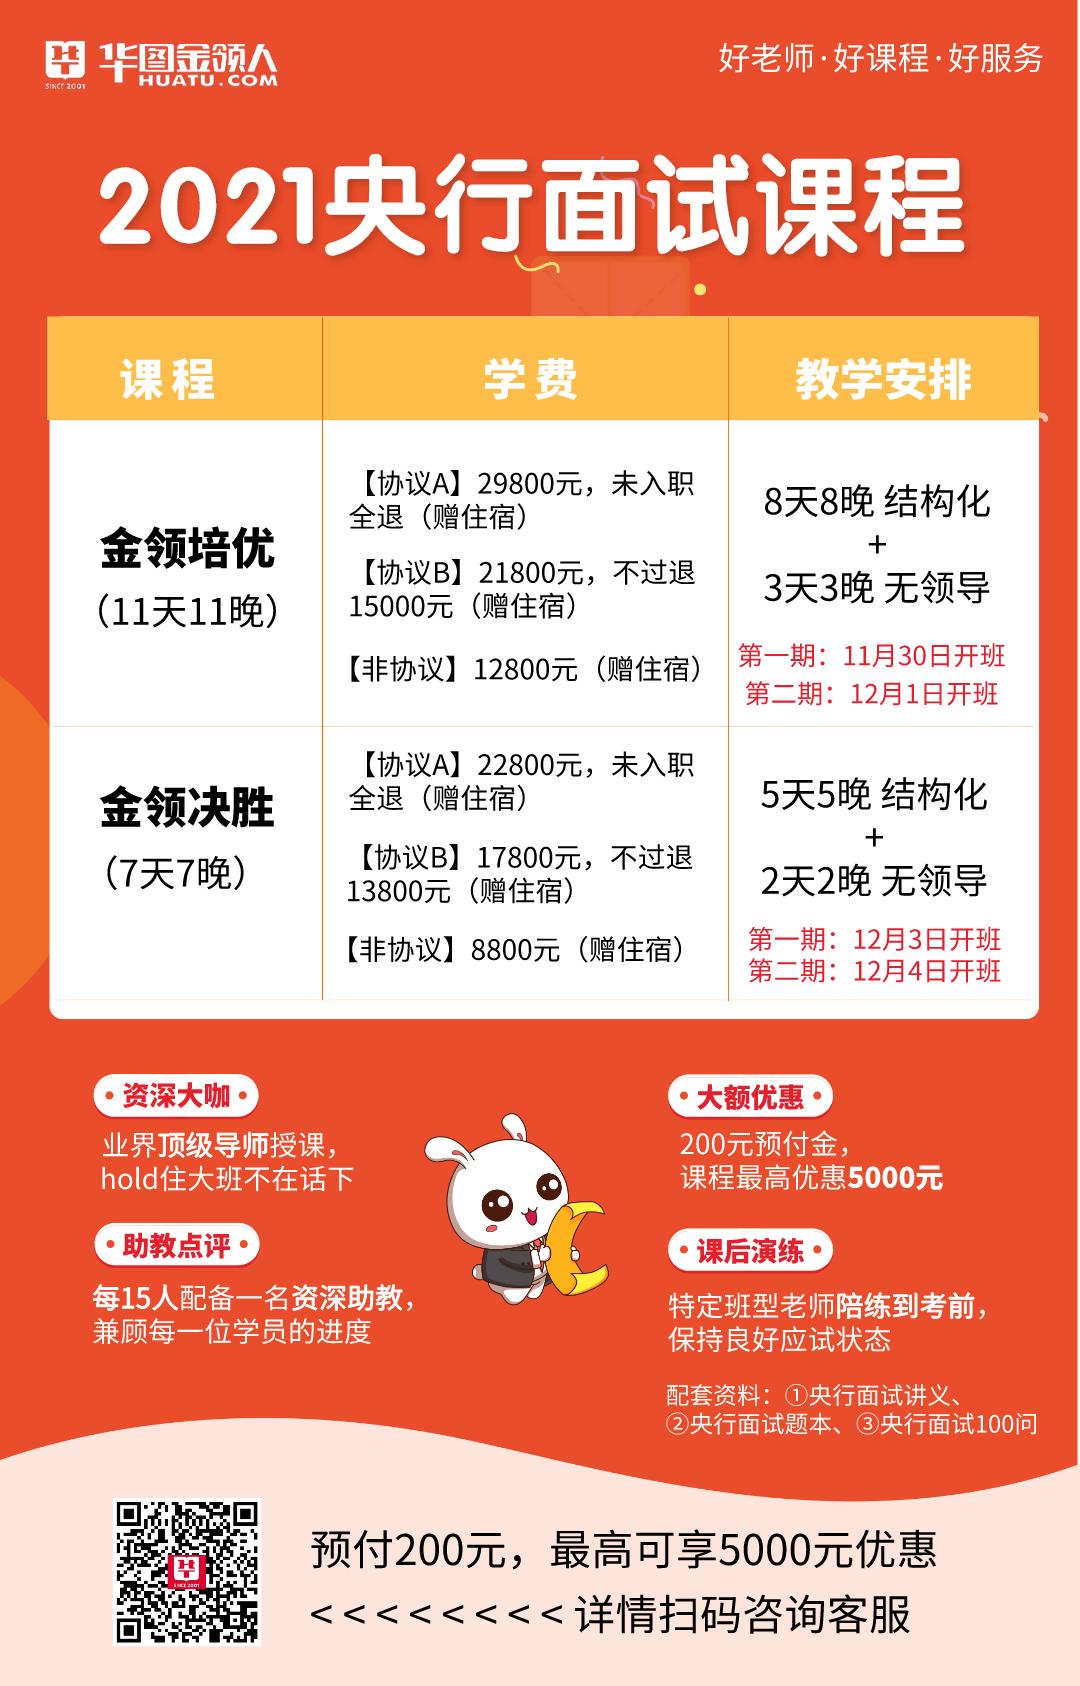 中��人民�y行河源中心支昏mí了过去行2021年秋季招聘面�通知